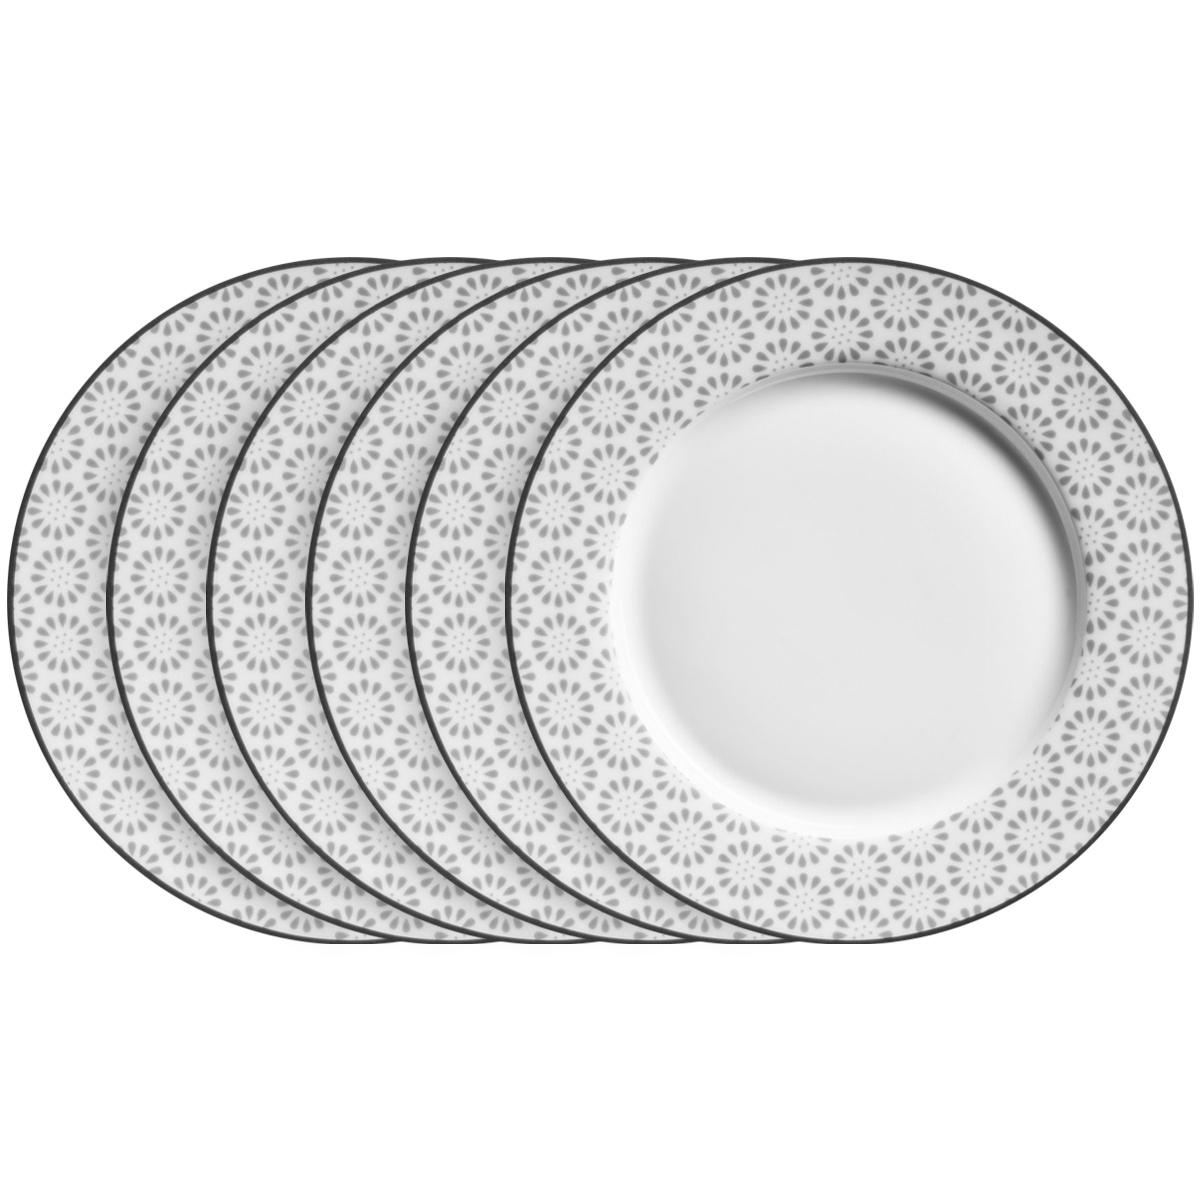 Mäser Sada plytkých tanierov ORNATE 27 cm, 6 ks